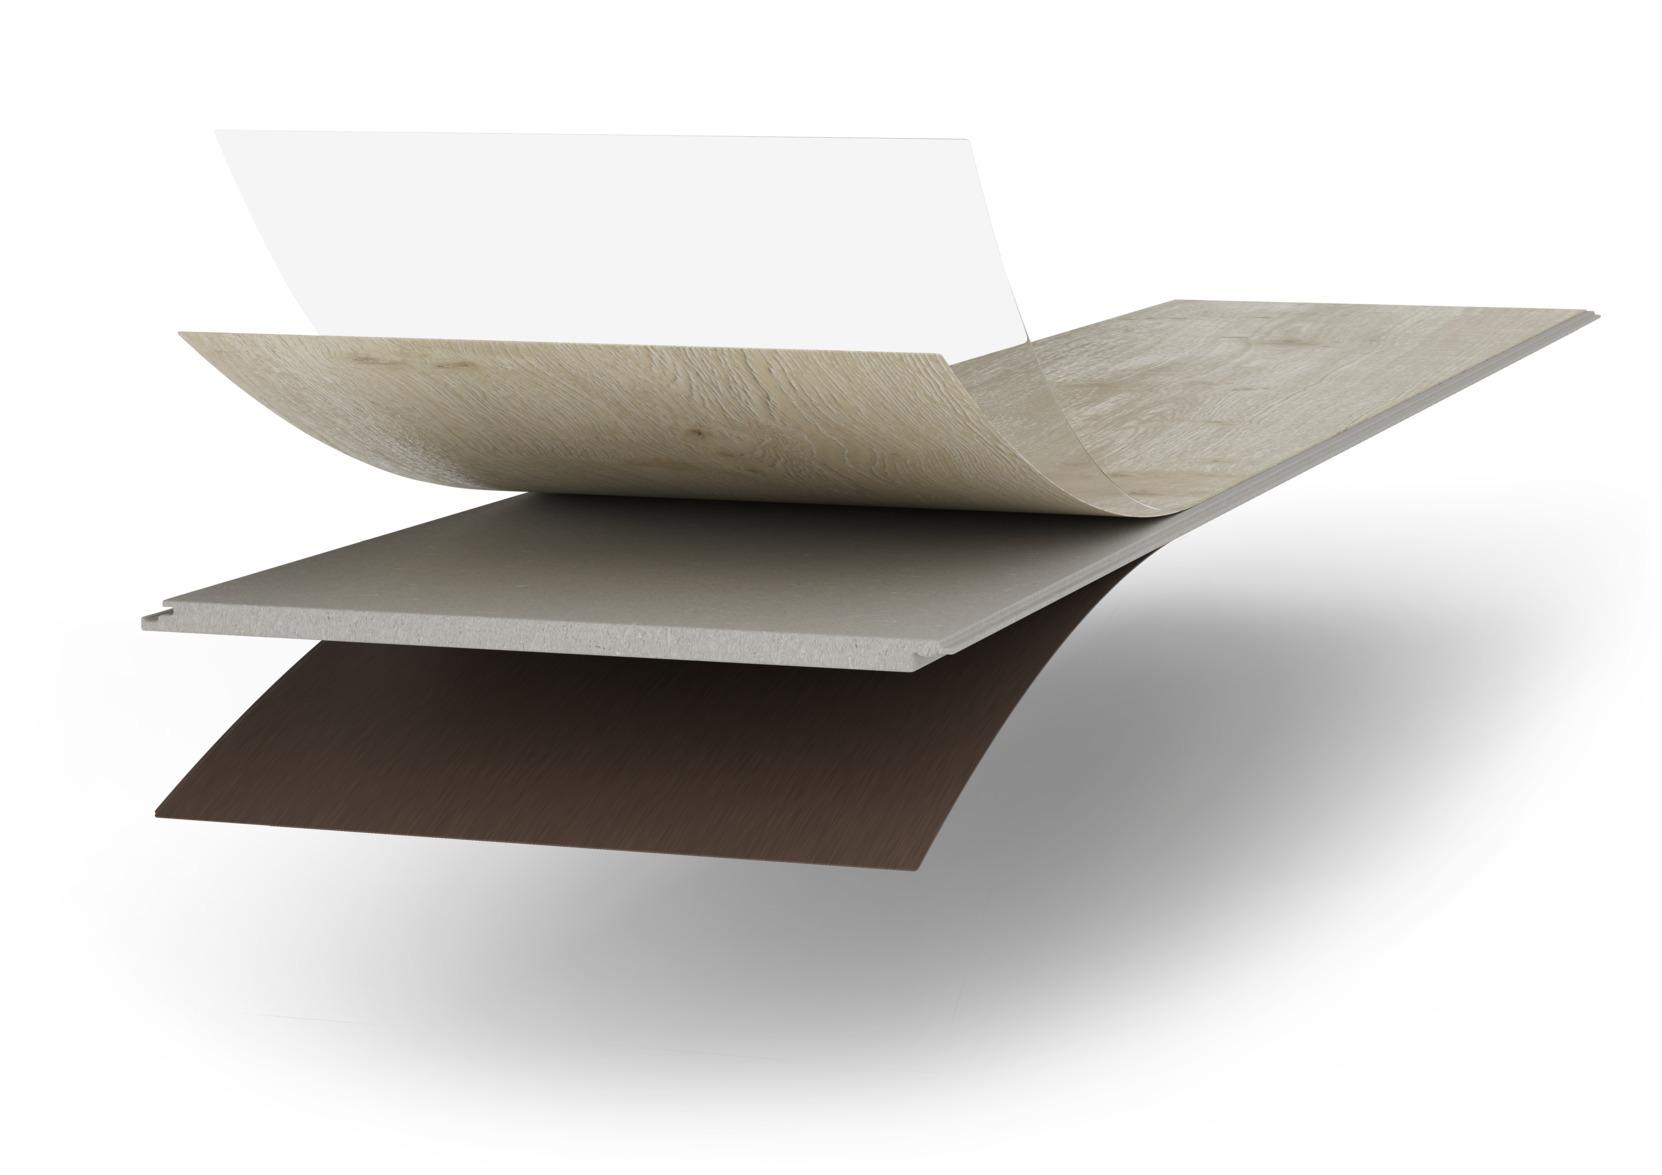 a. Diamond Pro oppervlak  b. Antistatische decorpapier  c. AquaSafe+-tussenlaag d. AquaStop-impregnering  e. Tegenfineer voor vormstabiliteit